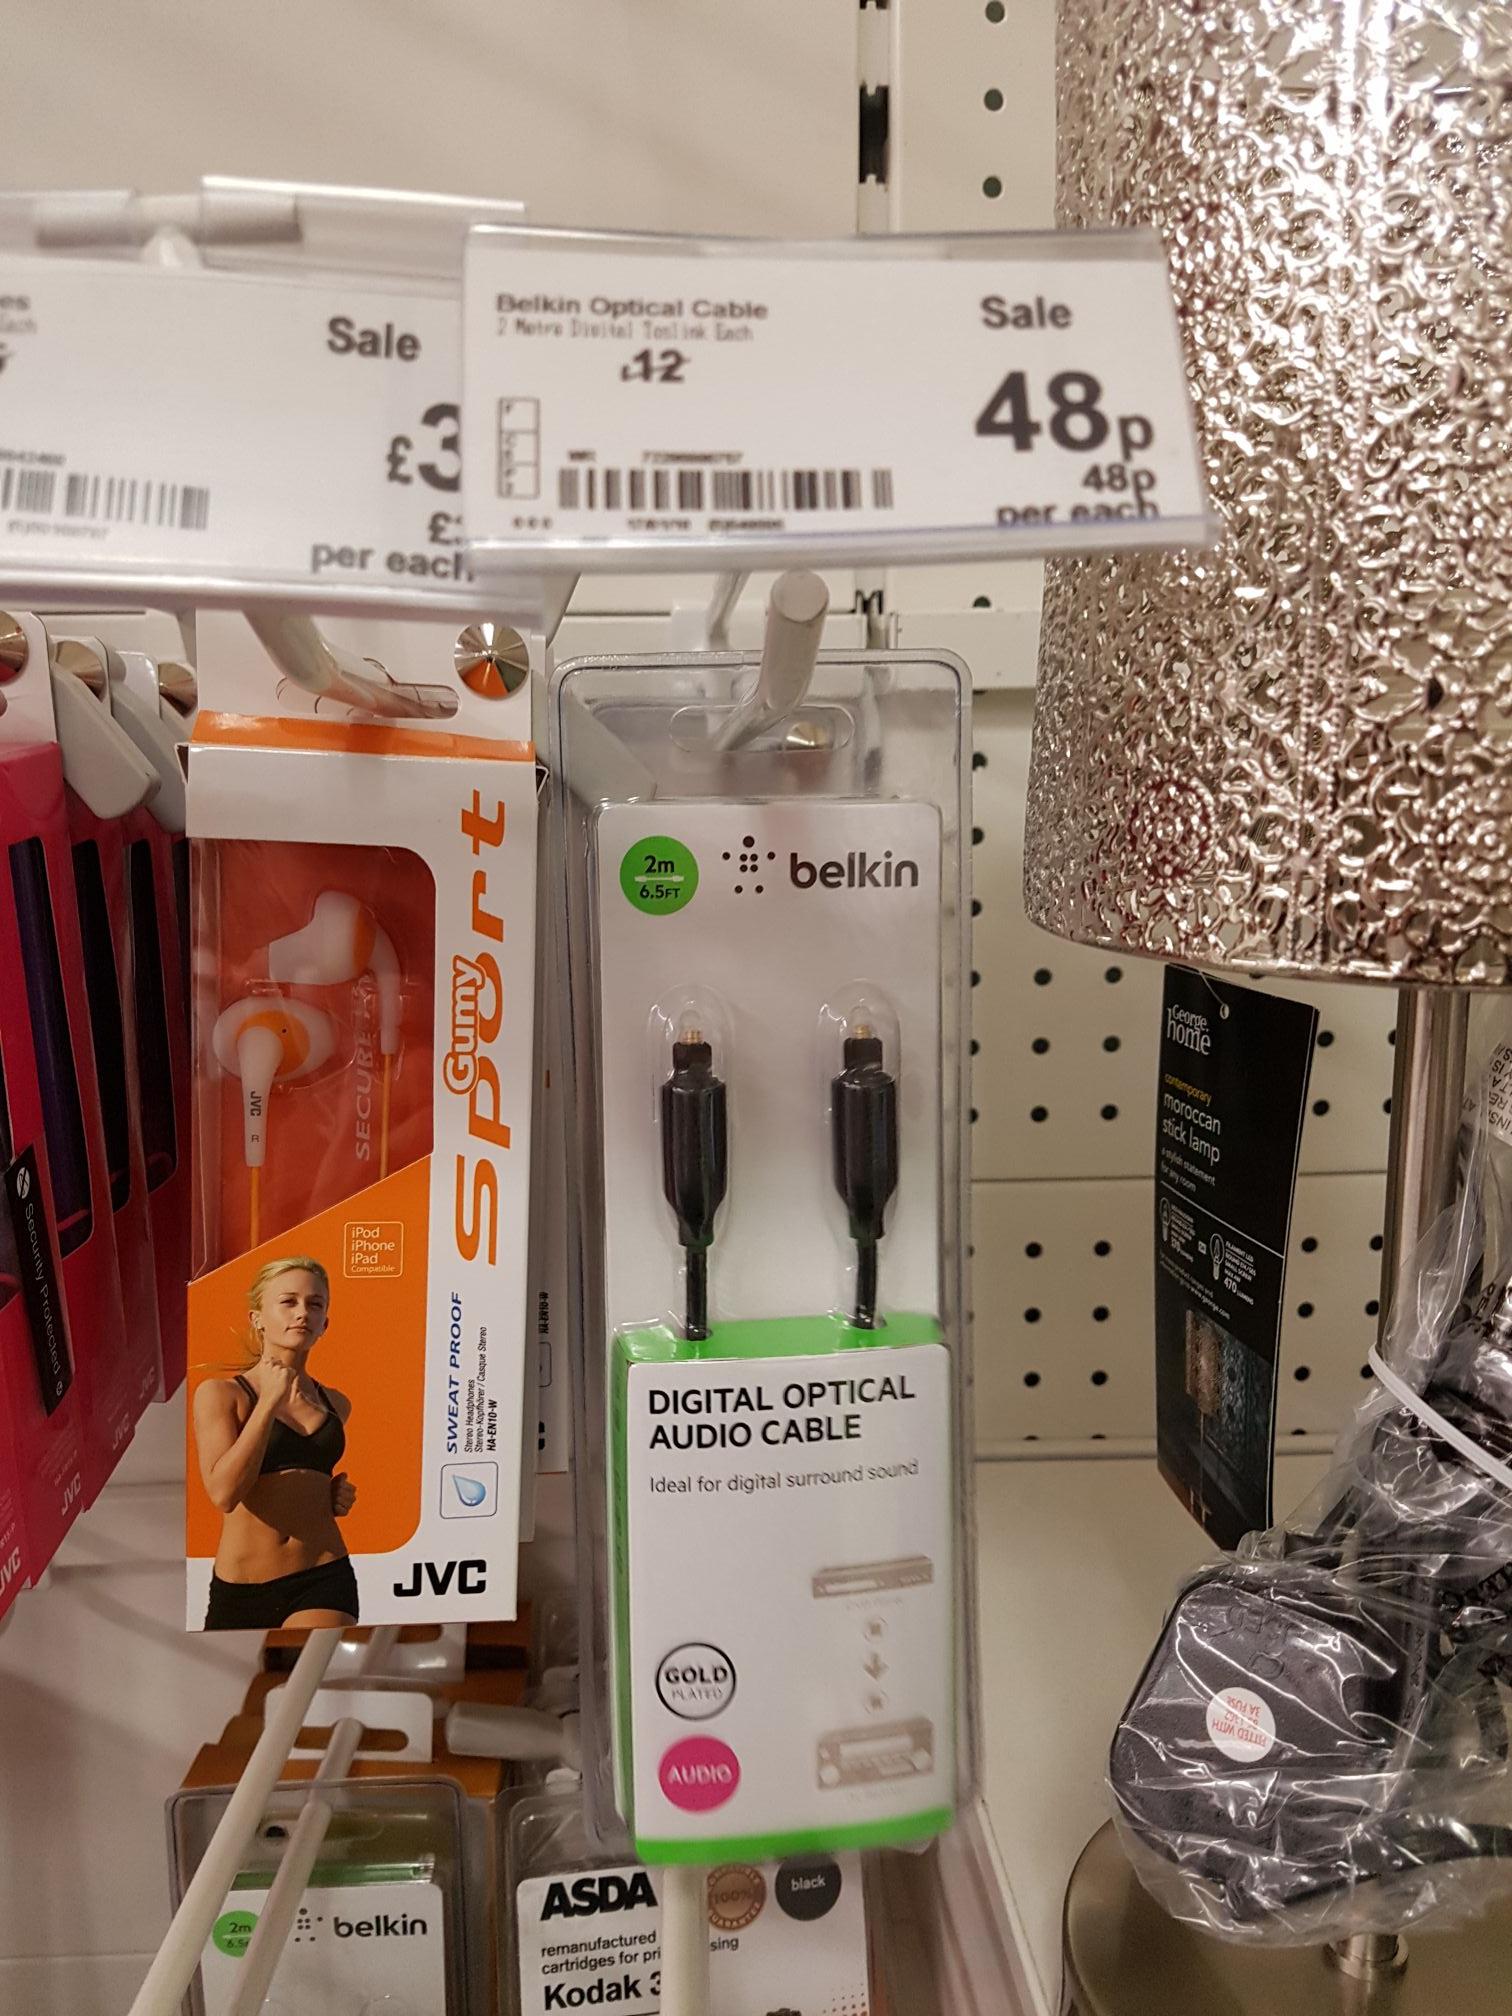 Belkin optical cable 48p at  asda instore (hunts cross)